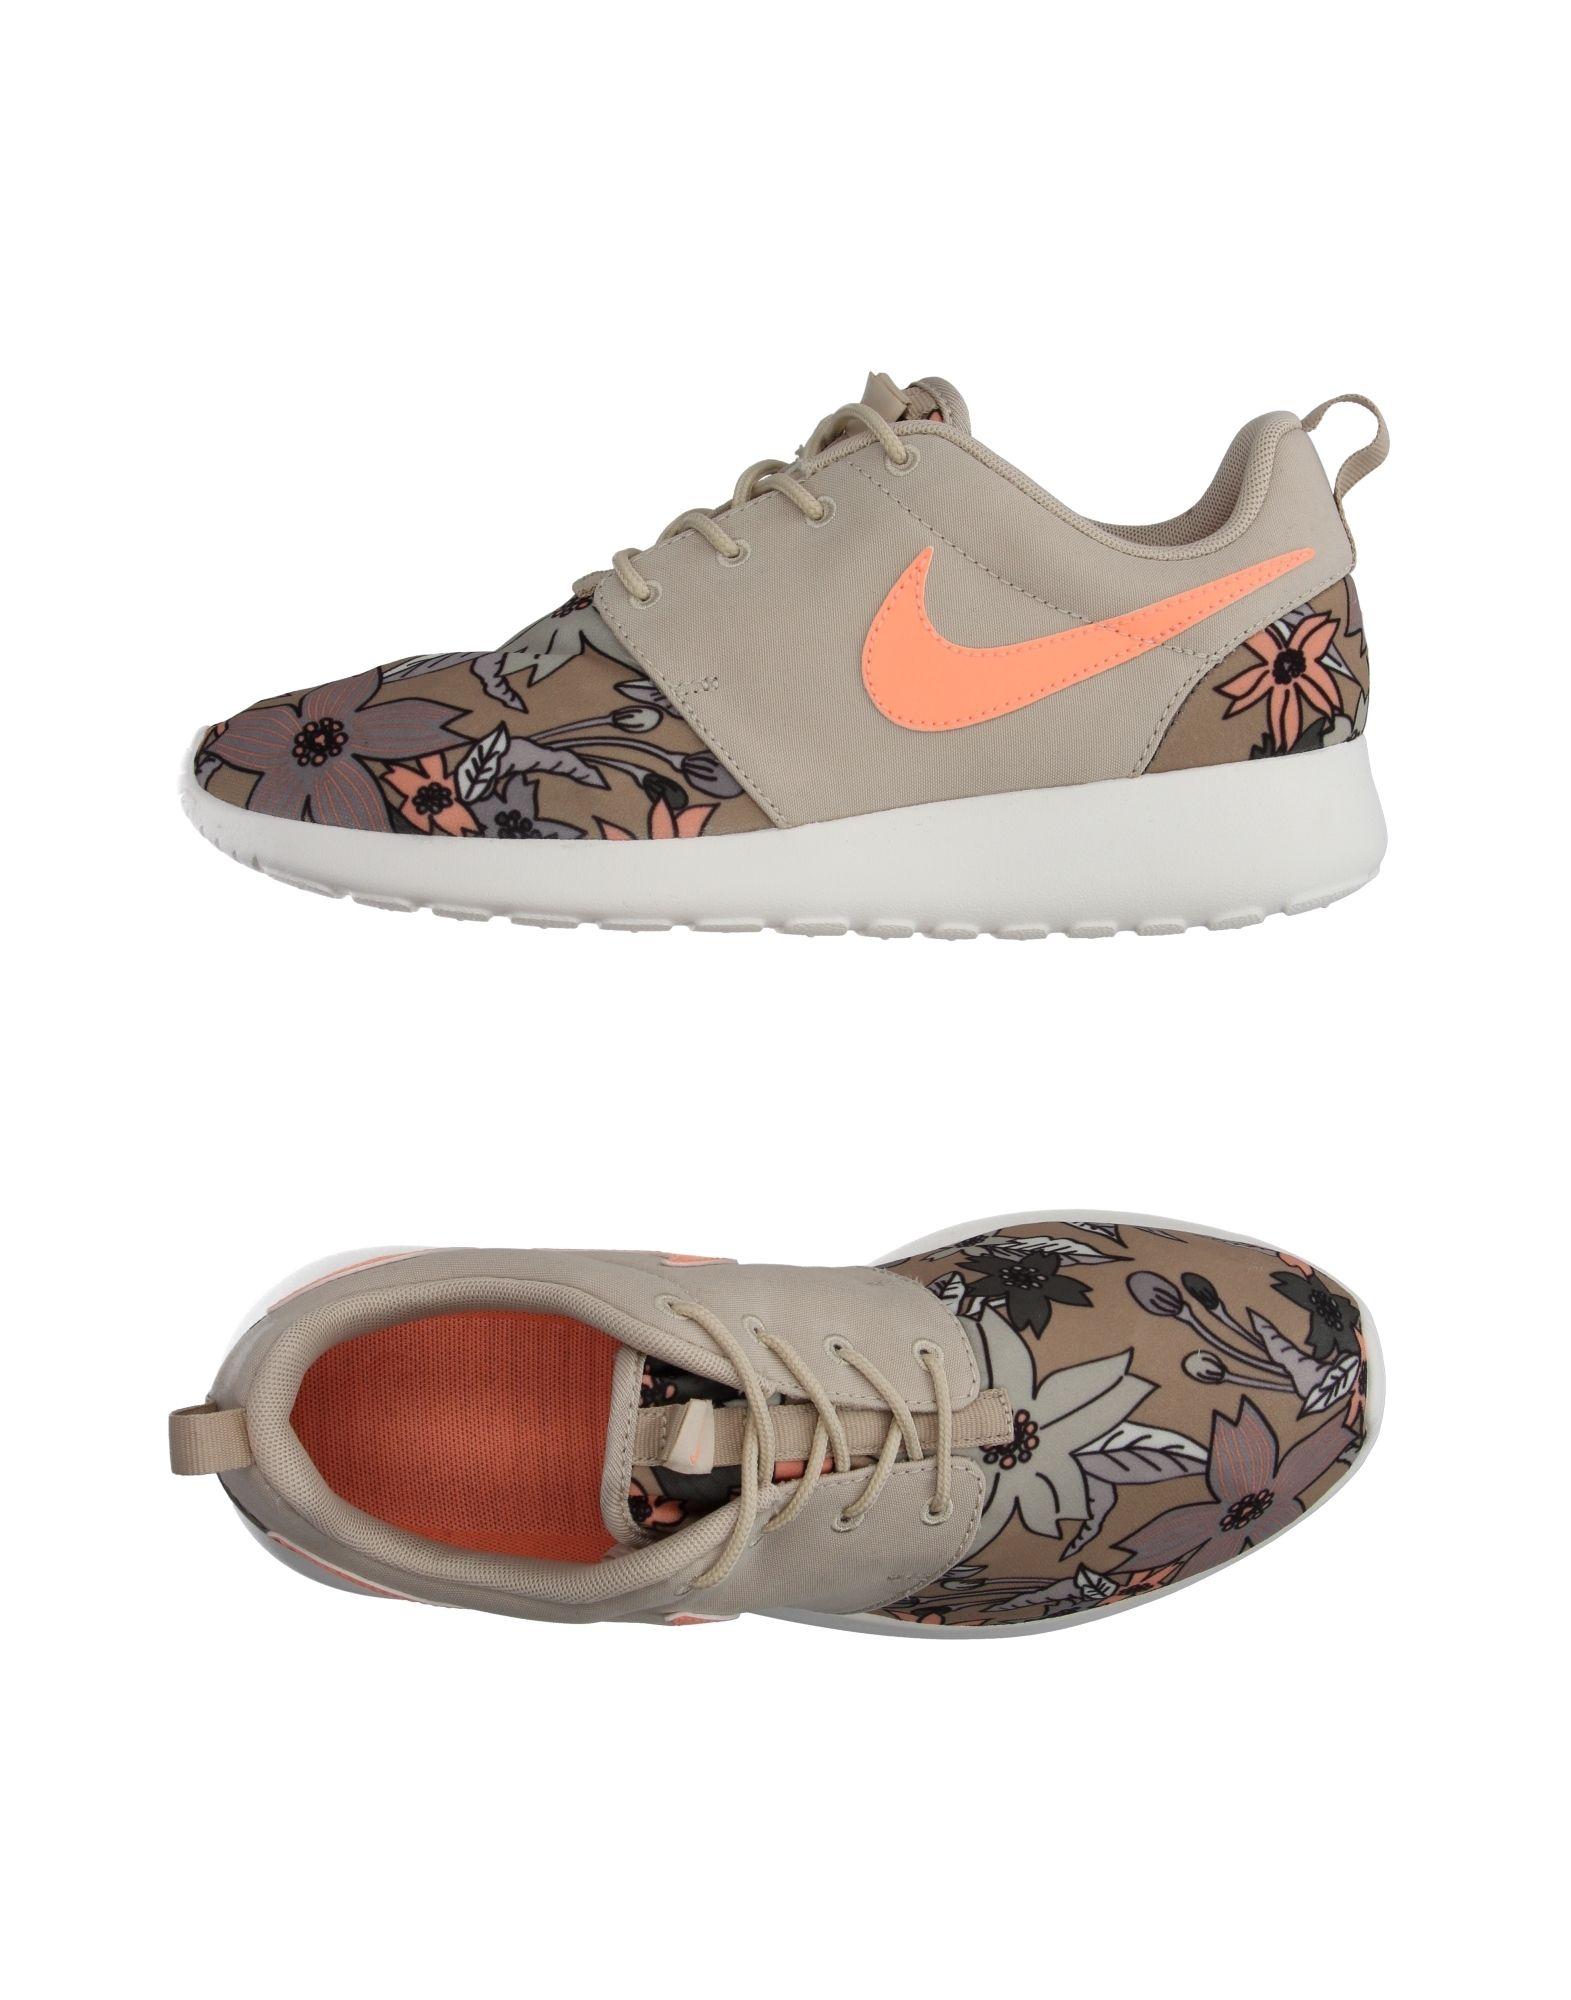 Sneakers Scarpe Nike Donna - 11066482PQ Scarpe Sneakers comode e distintive f0f083